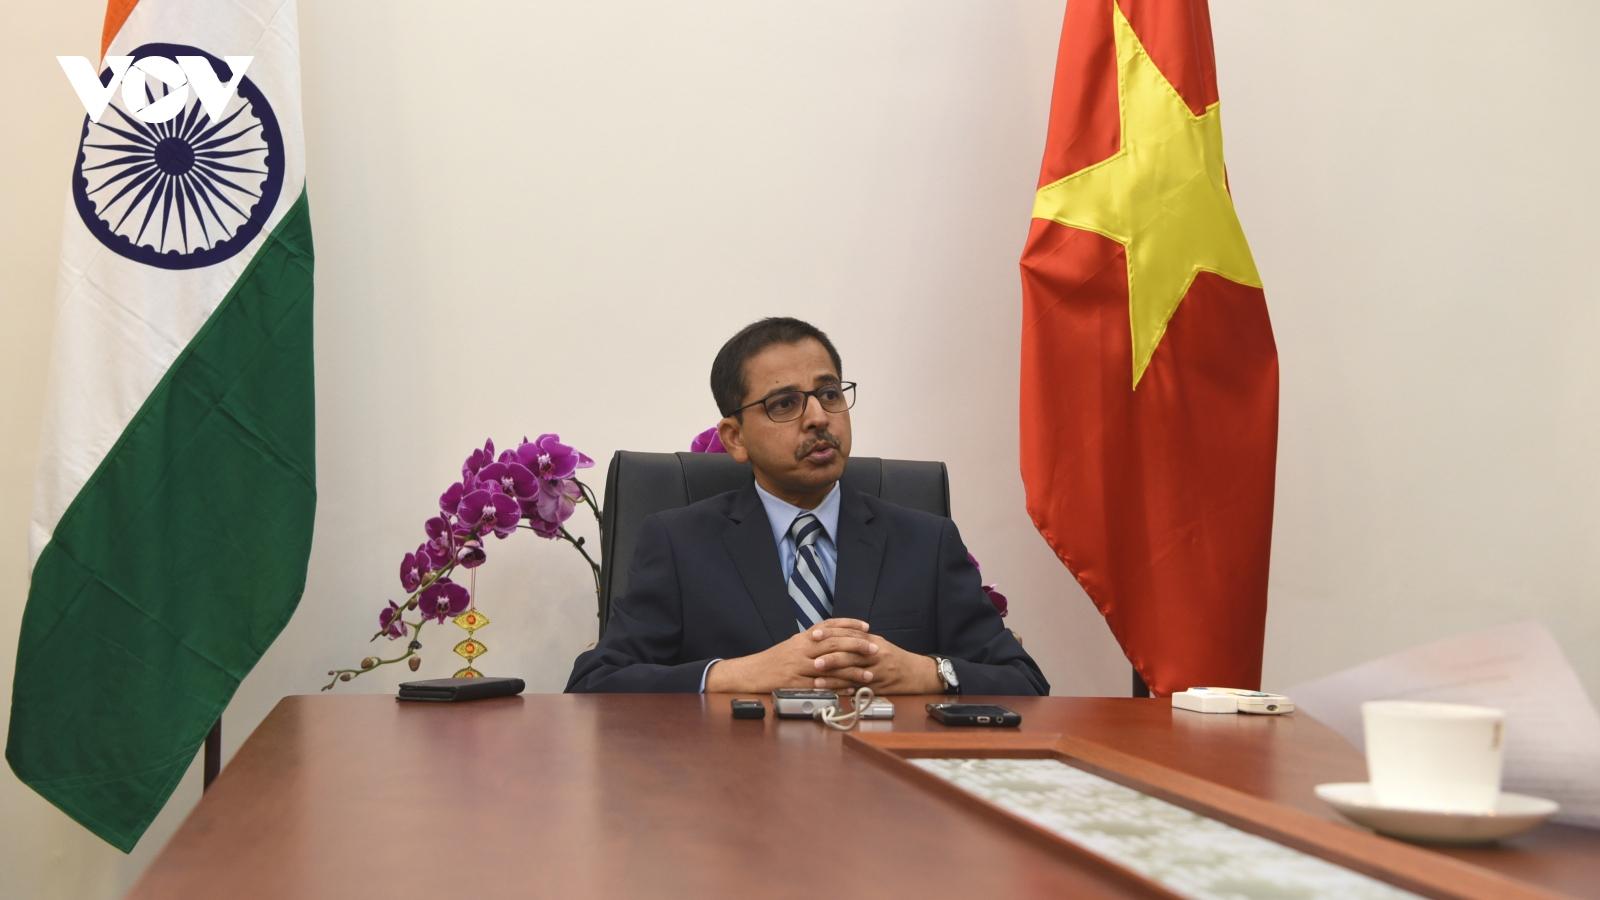 Đại sứ Ấn Độ đánh giá Việt Nam sẽ phát triển tích cực sau Đại hội Đảng lần thứ XIII